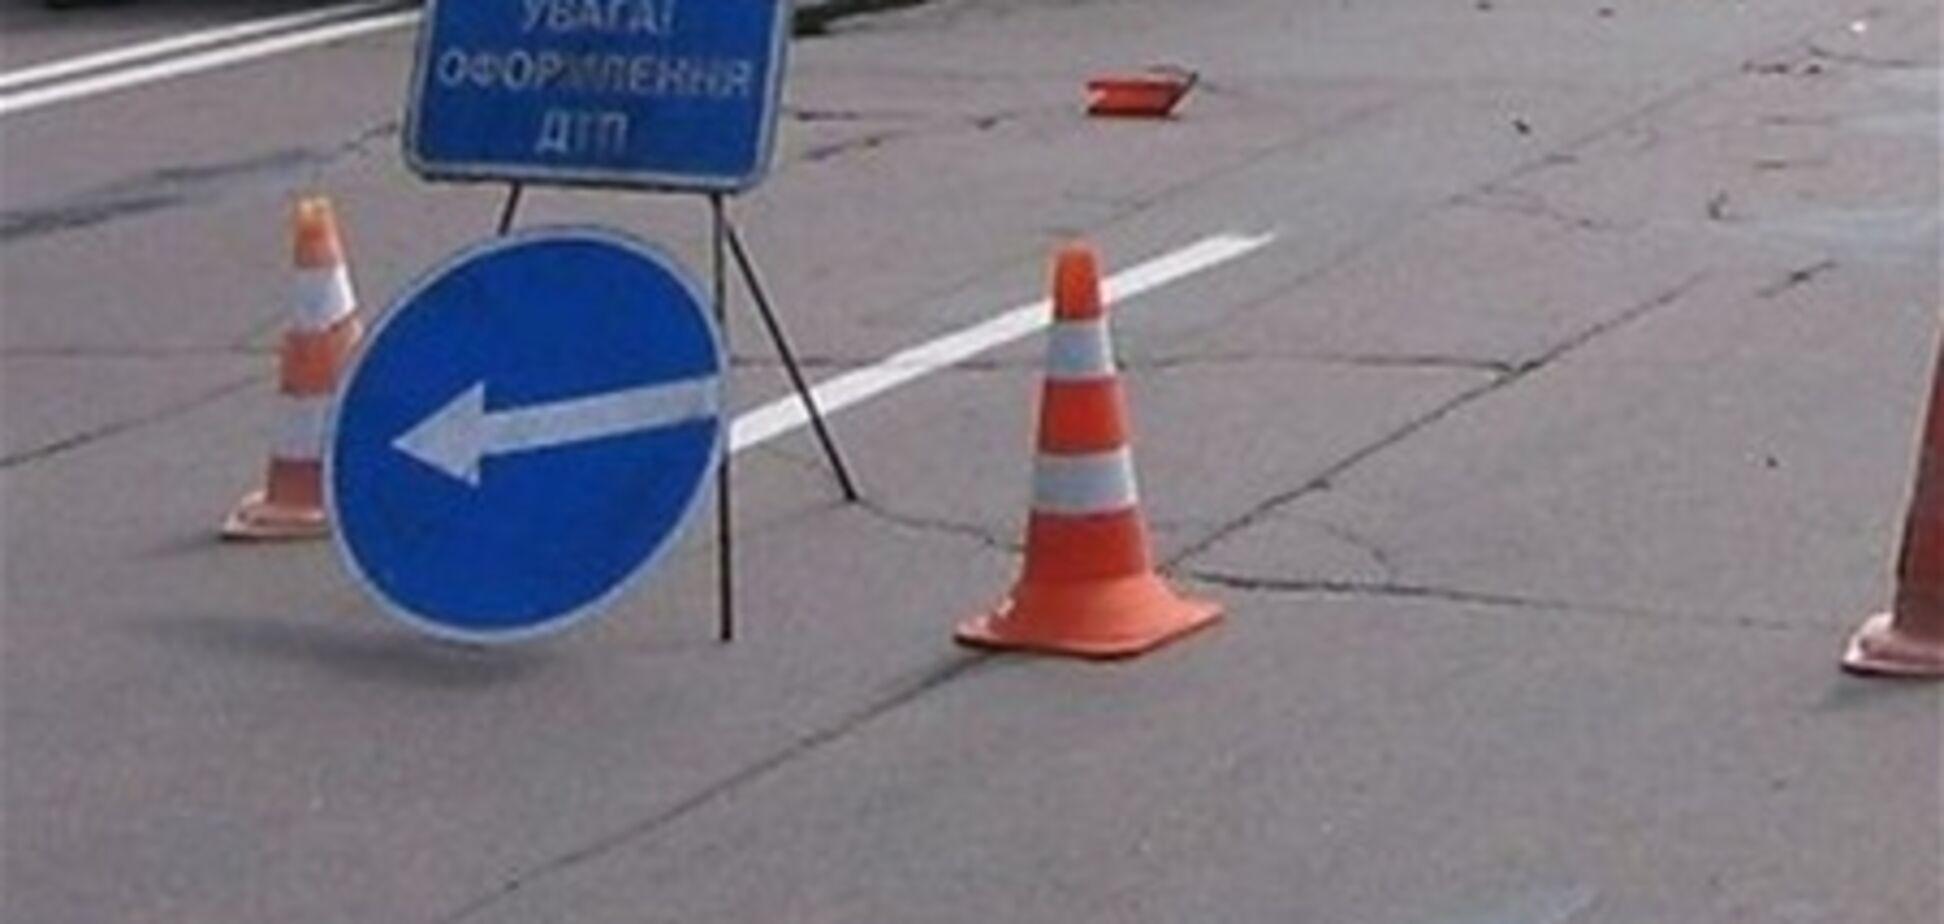 Ситуация на дорогах 22 сентября: 103 ДТП, 22 погибших